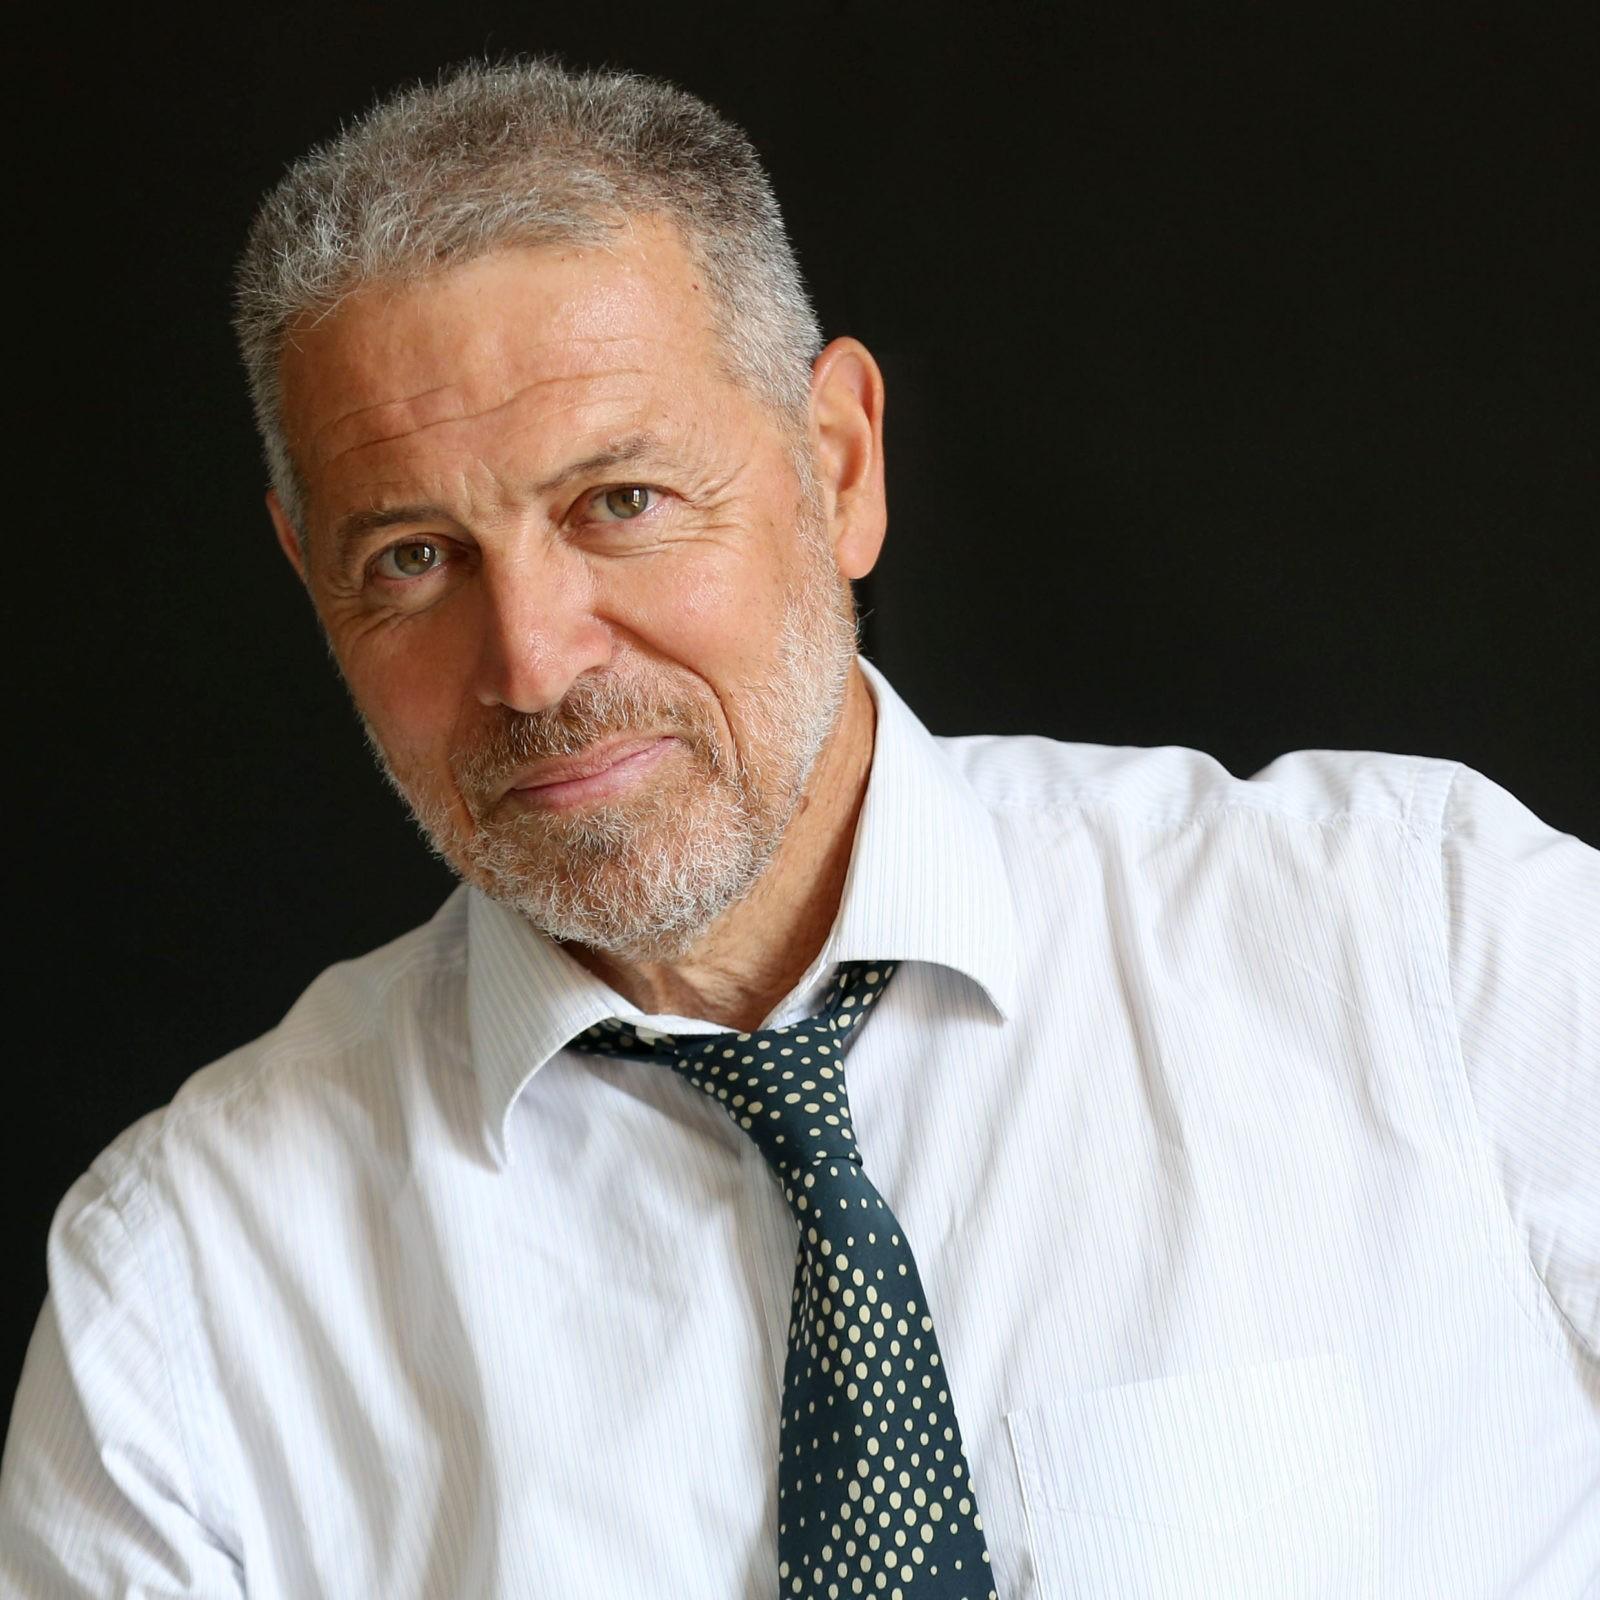 Avvocato Marco Ferraresi